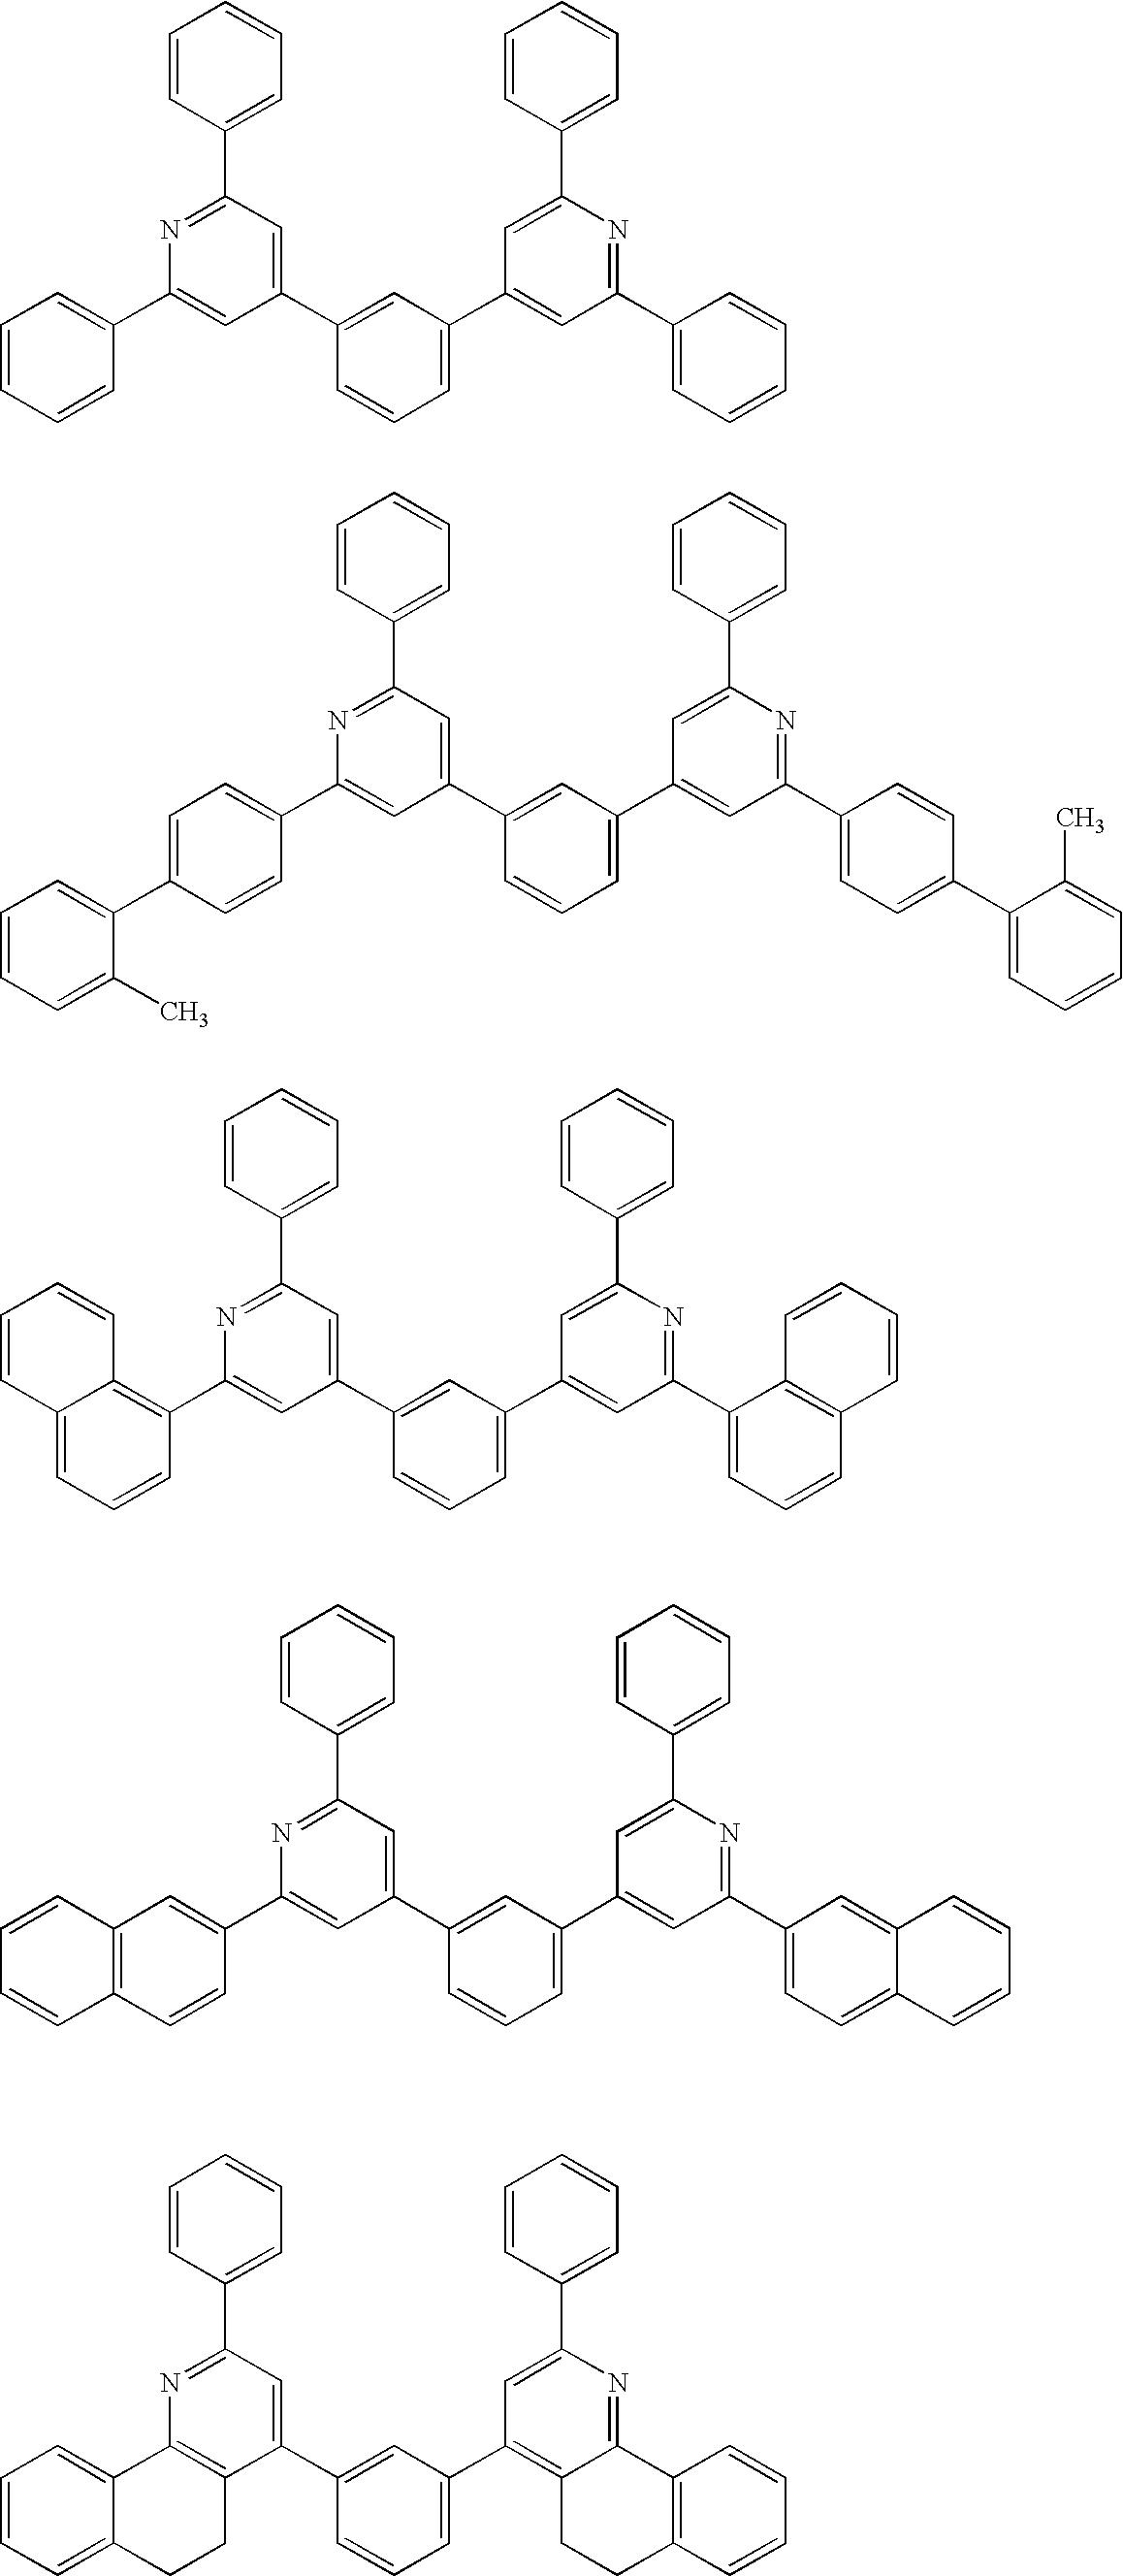 Figure US20060186796A1-20060824-C00027